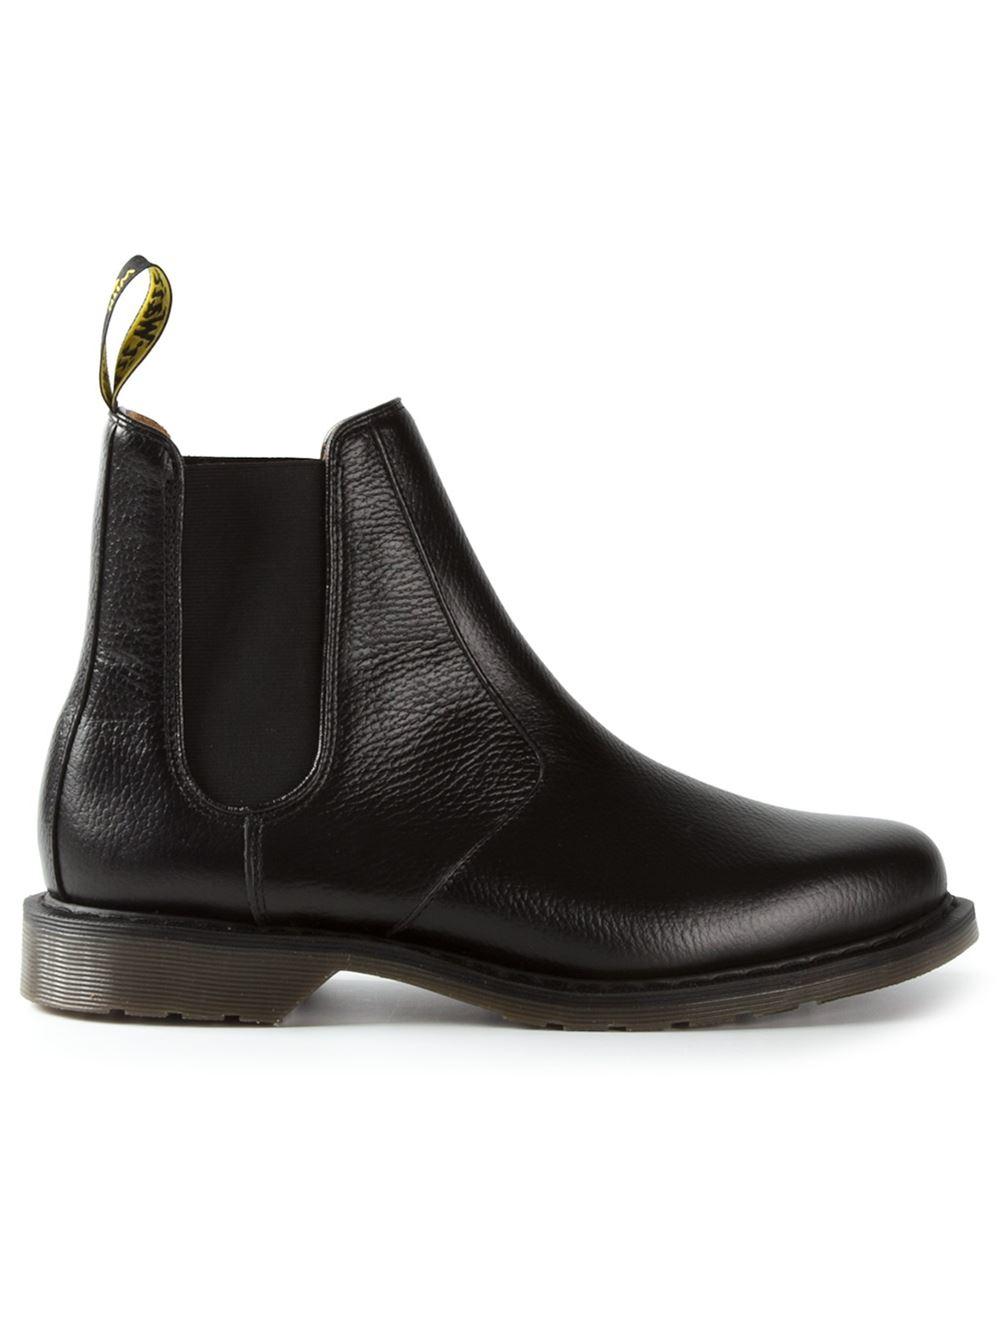 dr martens 39 victor 39 chelsea boot in black for men lyst. Black Bedroom Furniture Sets. Home Design Ideas